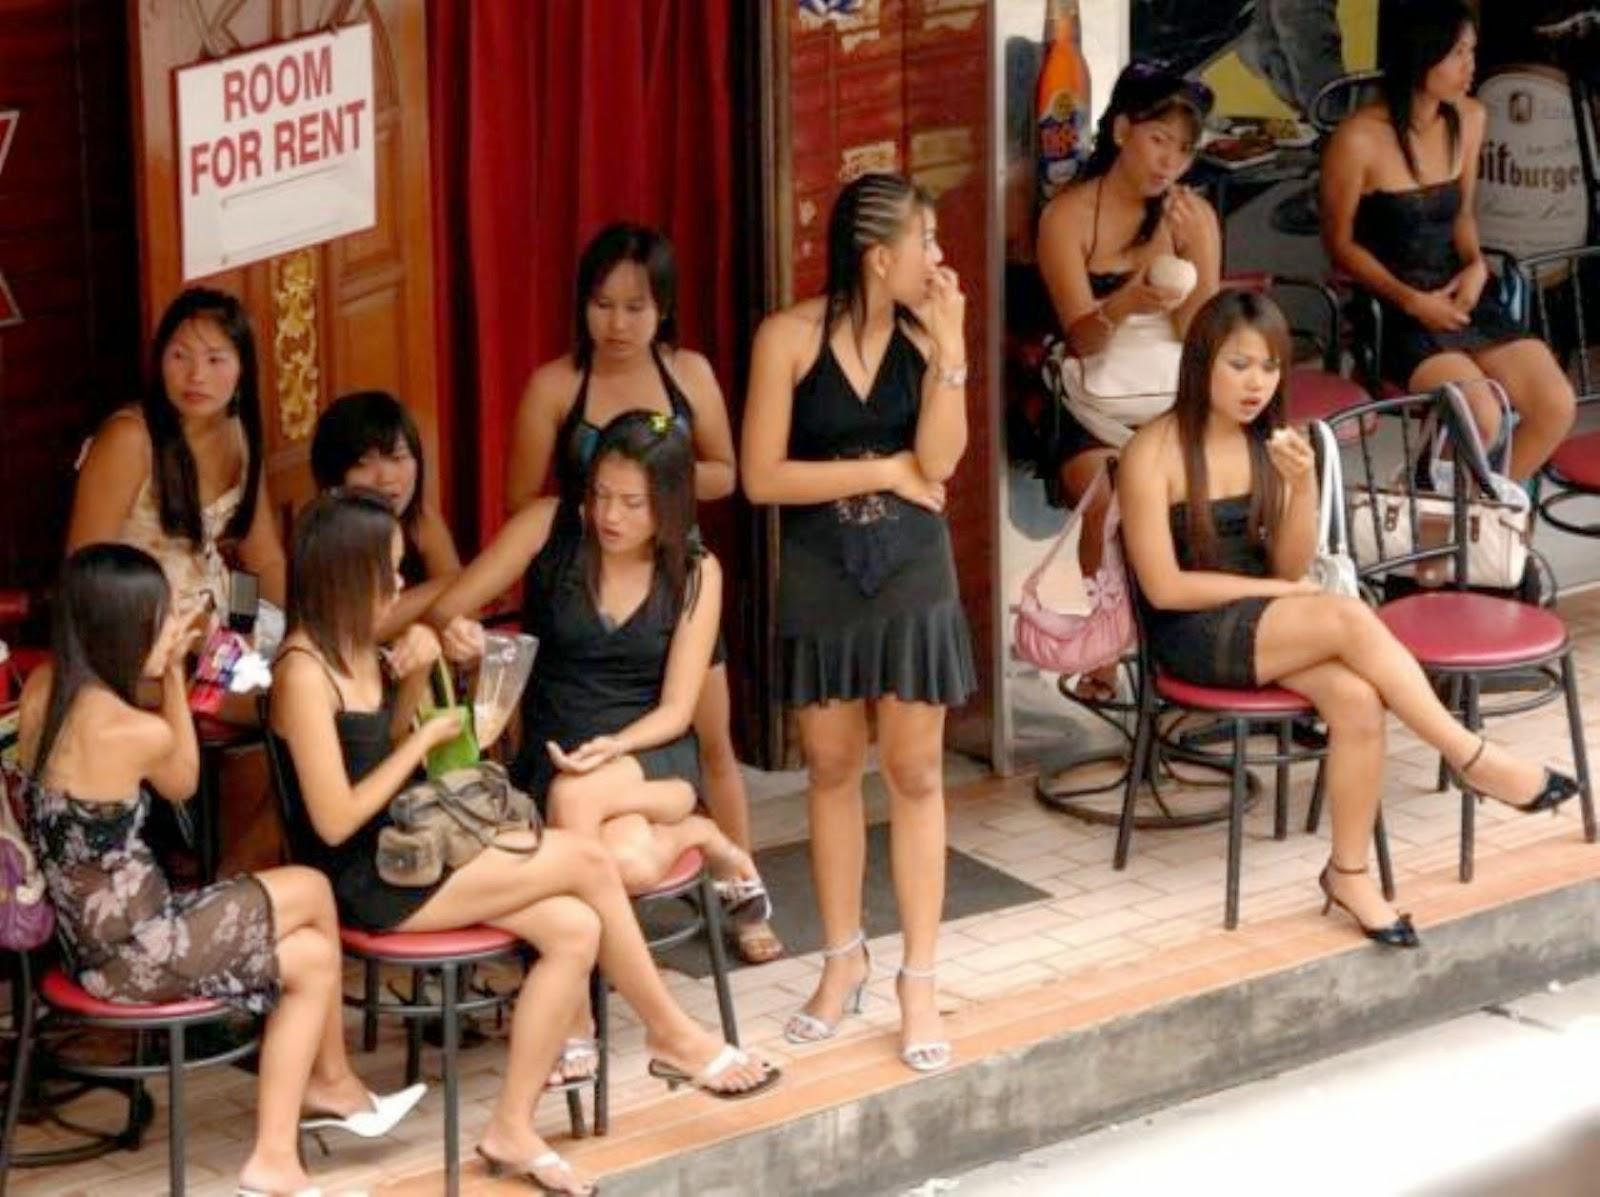 prostitutas en solares video prostitutas valencia